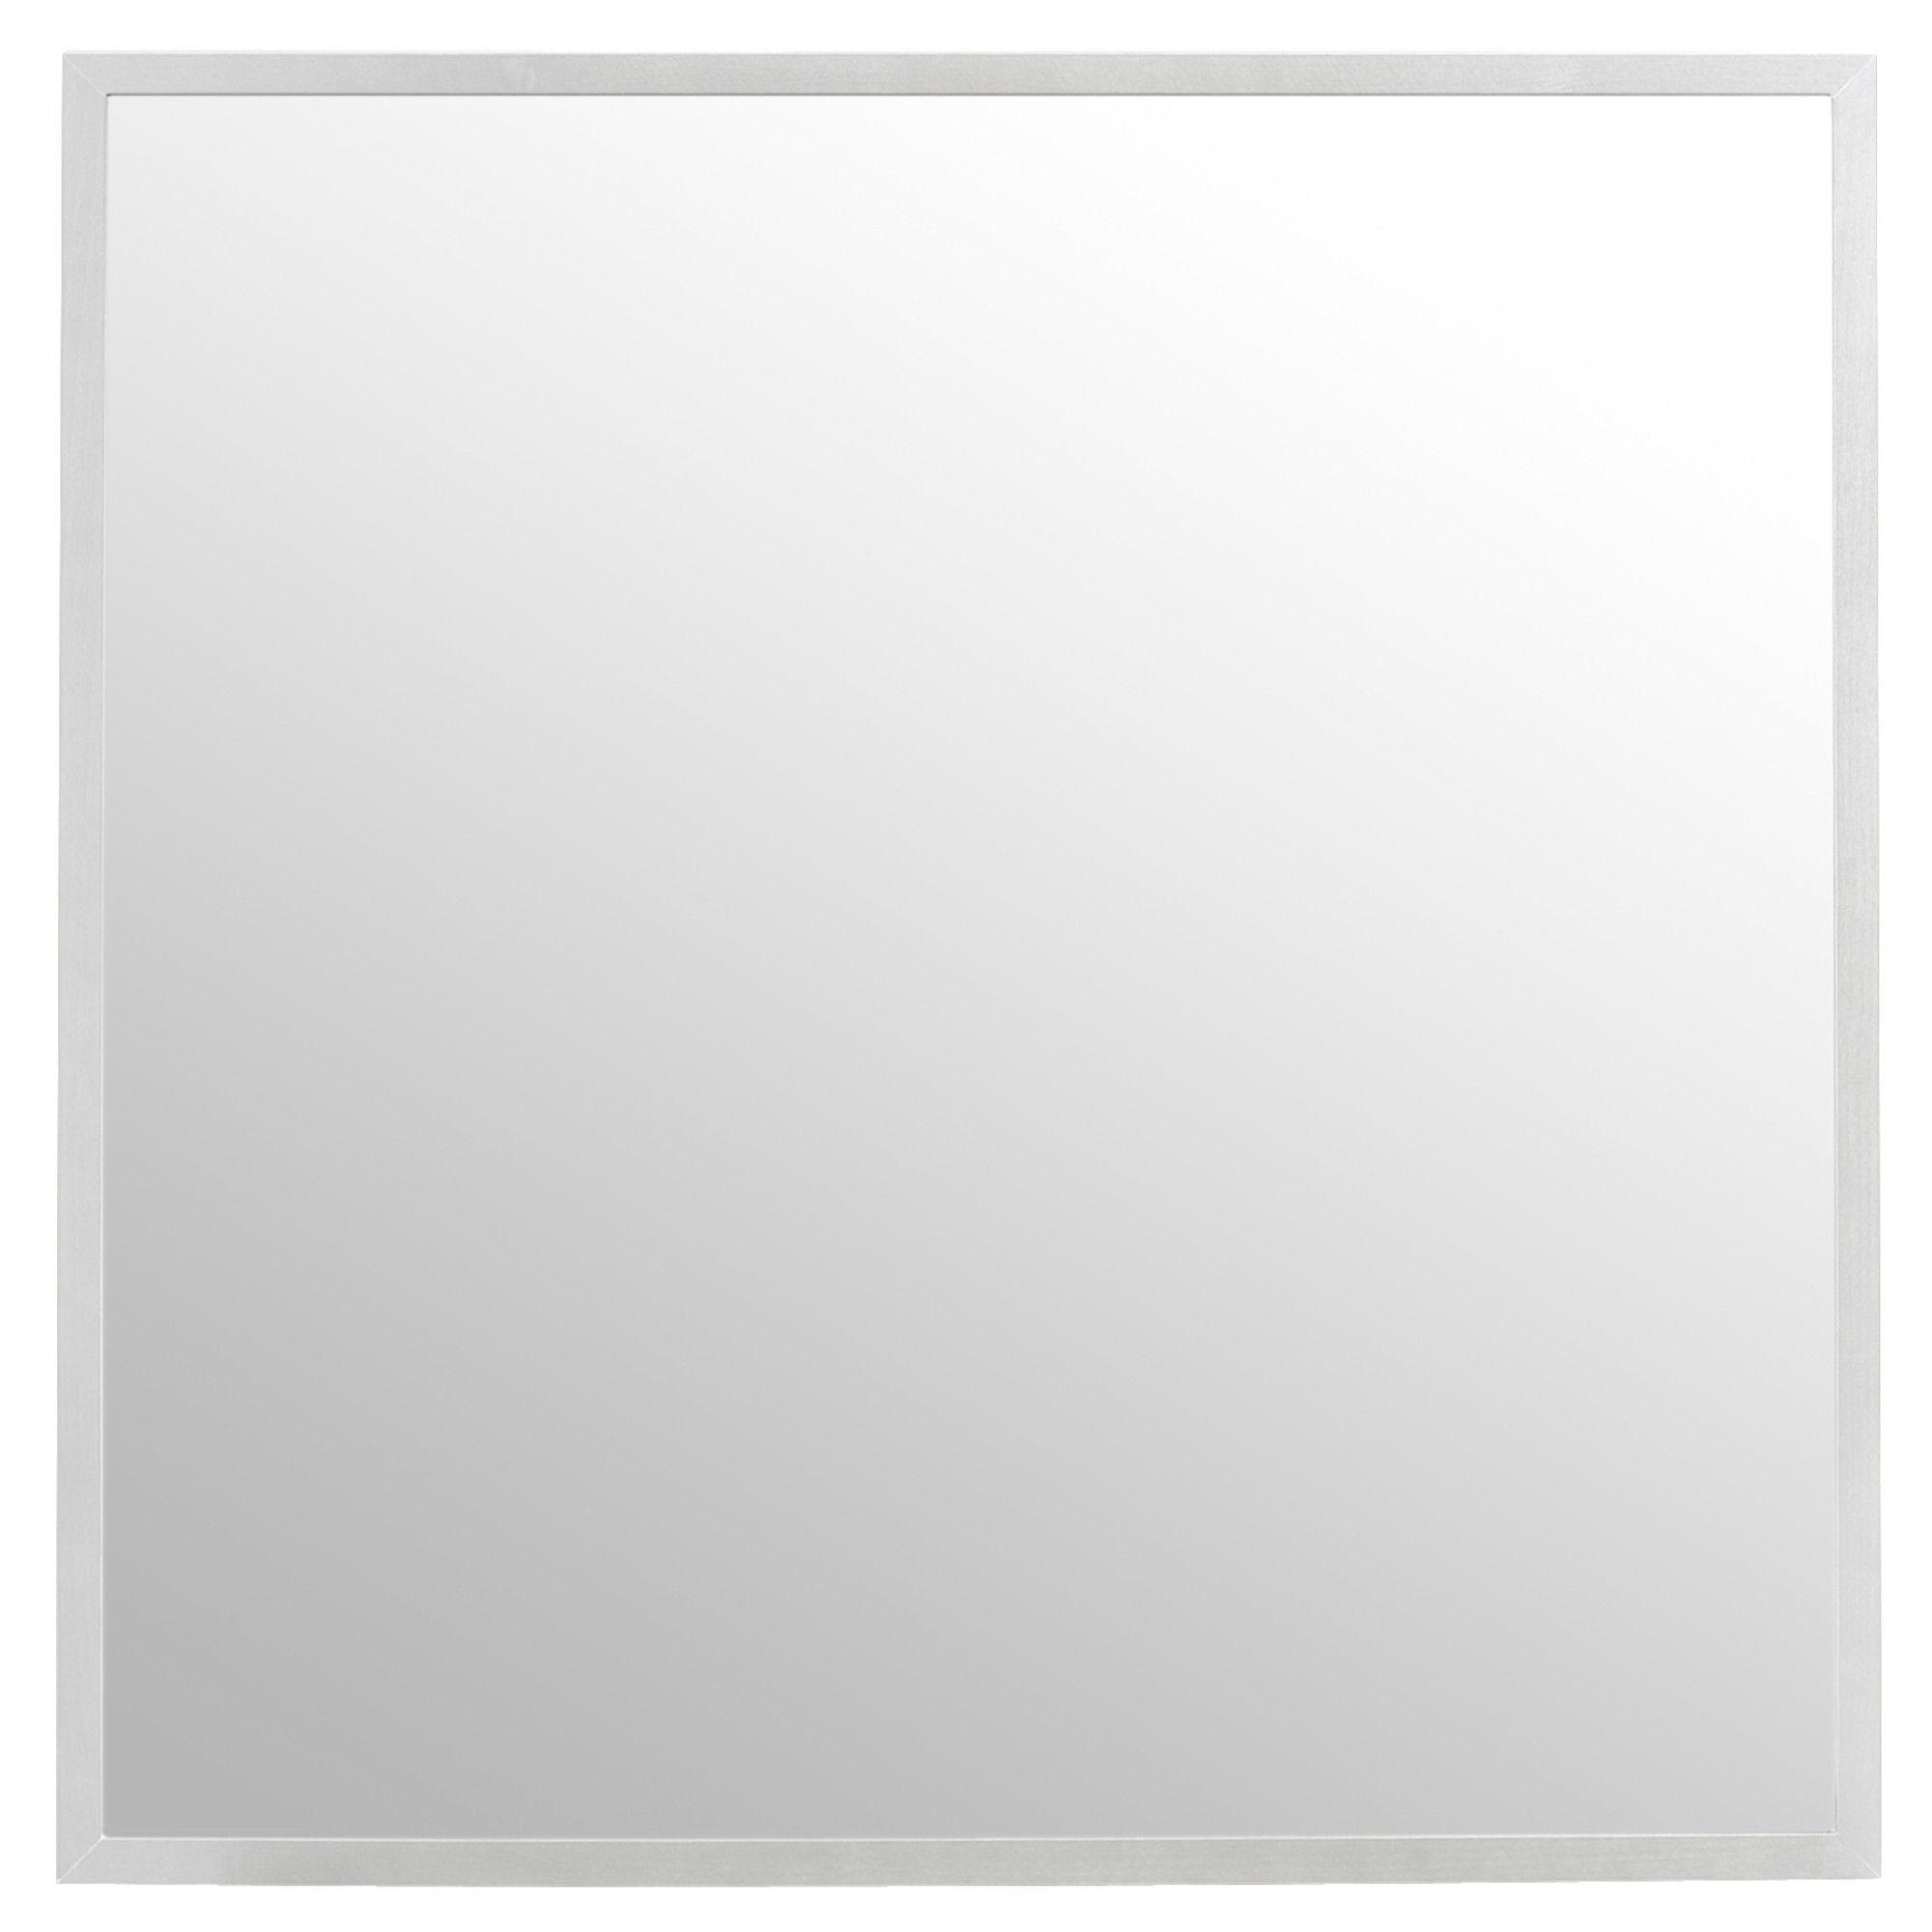 Stave espejo blanco ikea ikea - Espejo blanco ikea ...